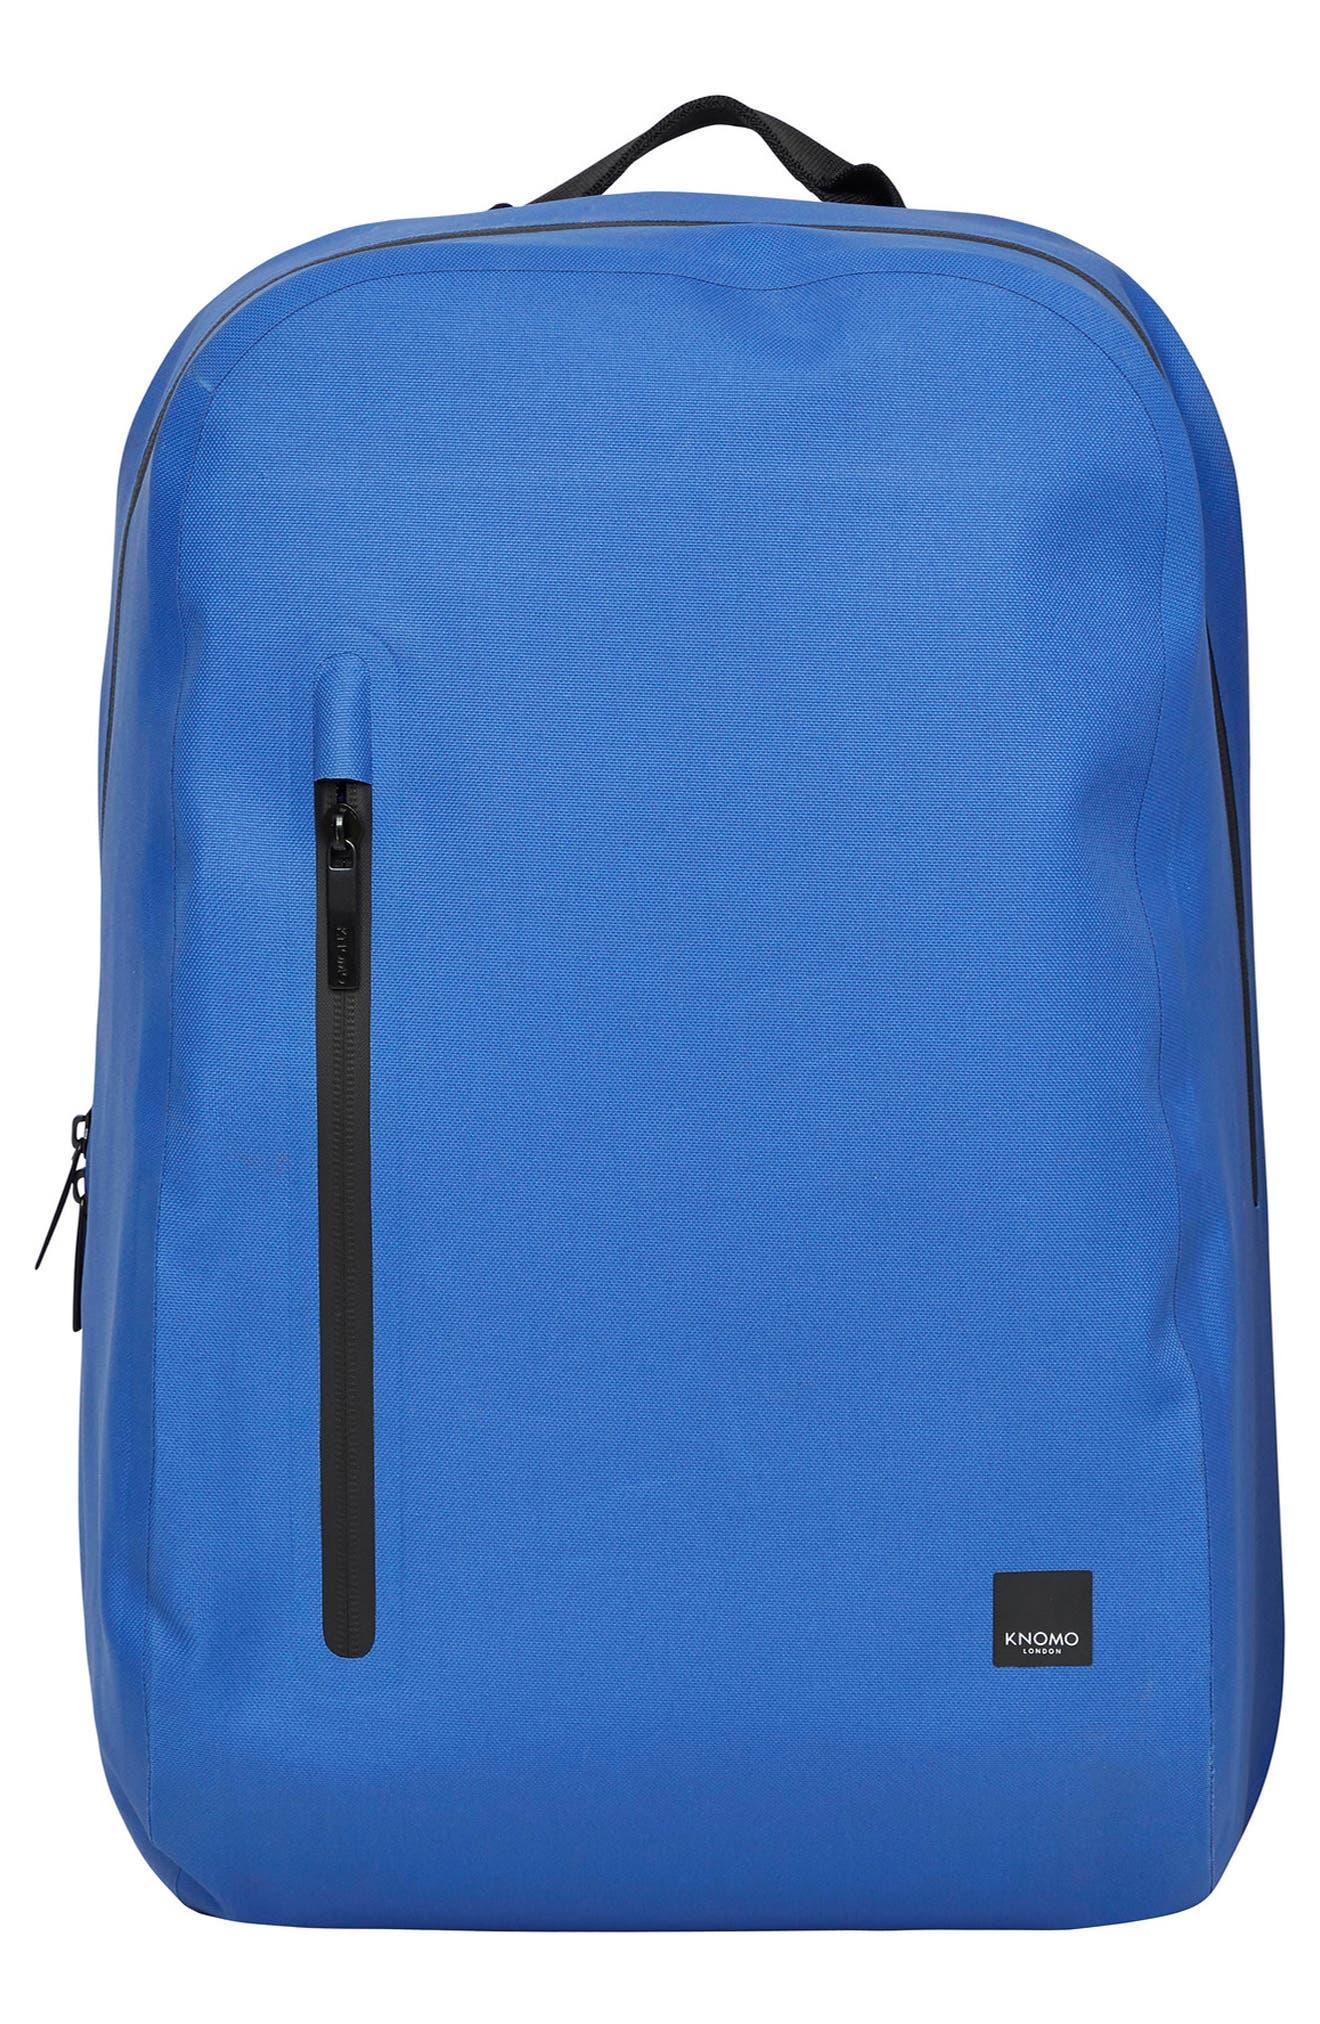 KNOMO LONDON,                             Thames Harpsden Backpack,                             Main thumbnail 1, color,                             AZURE BLUE